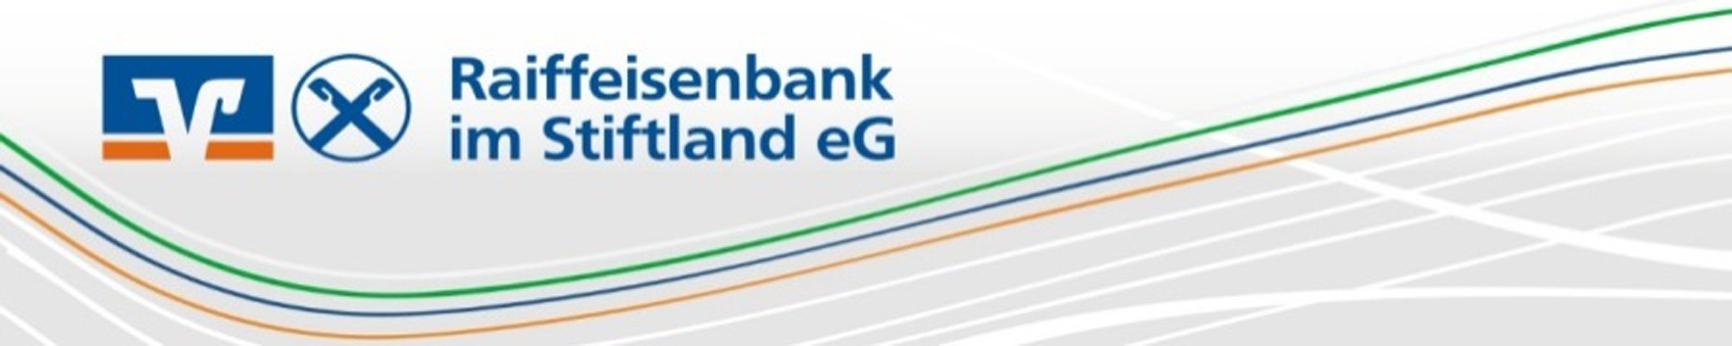 Baufachmarkt Volksbank Raiffeisenbank<br>Nordoberpfalz eG